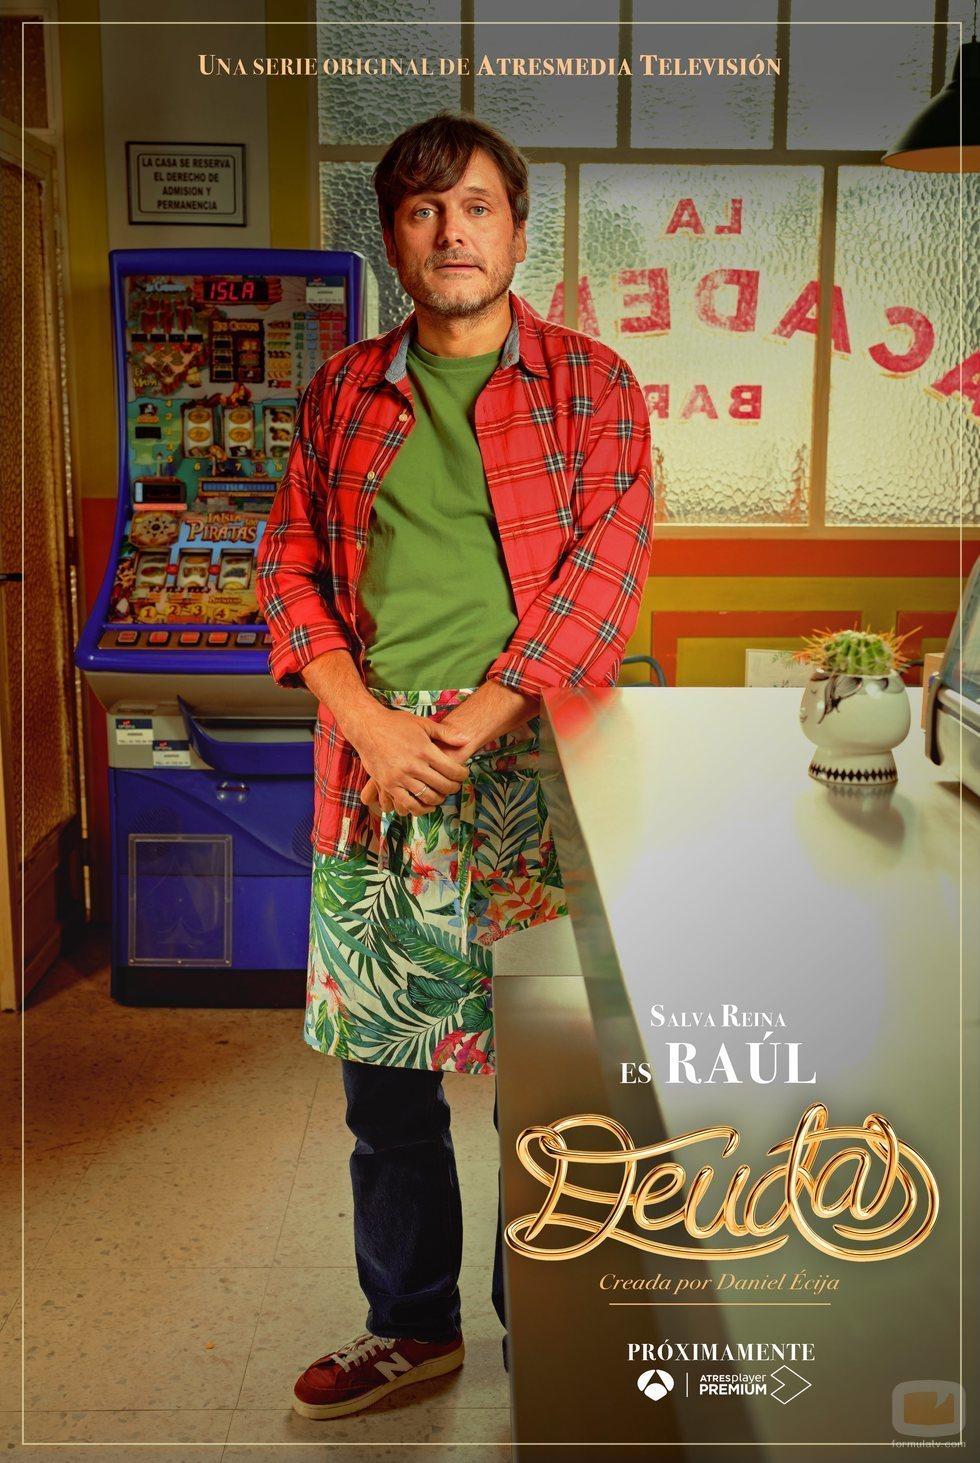 Cartel de Raúl en 'Deudas'